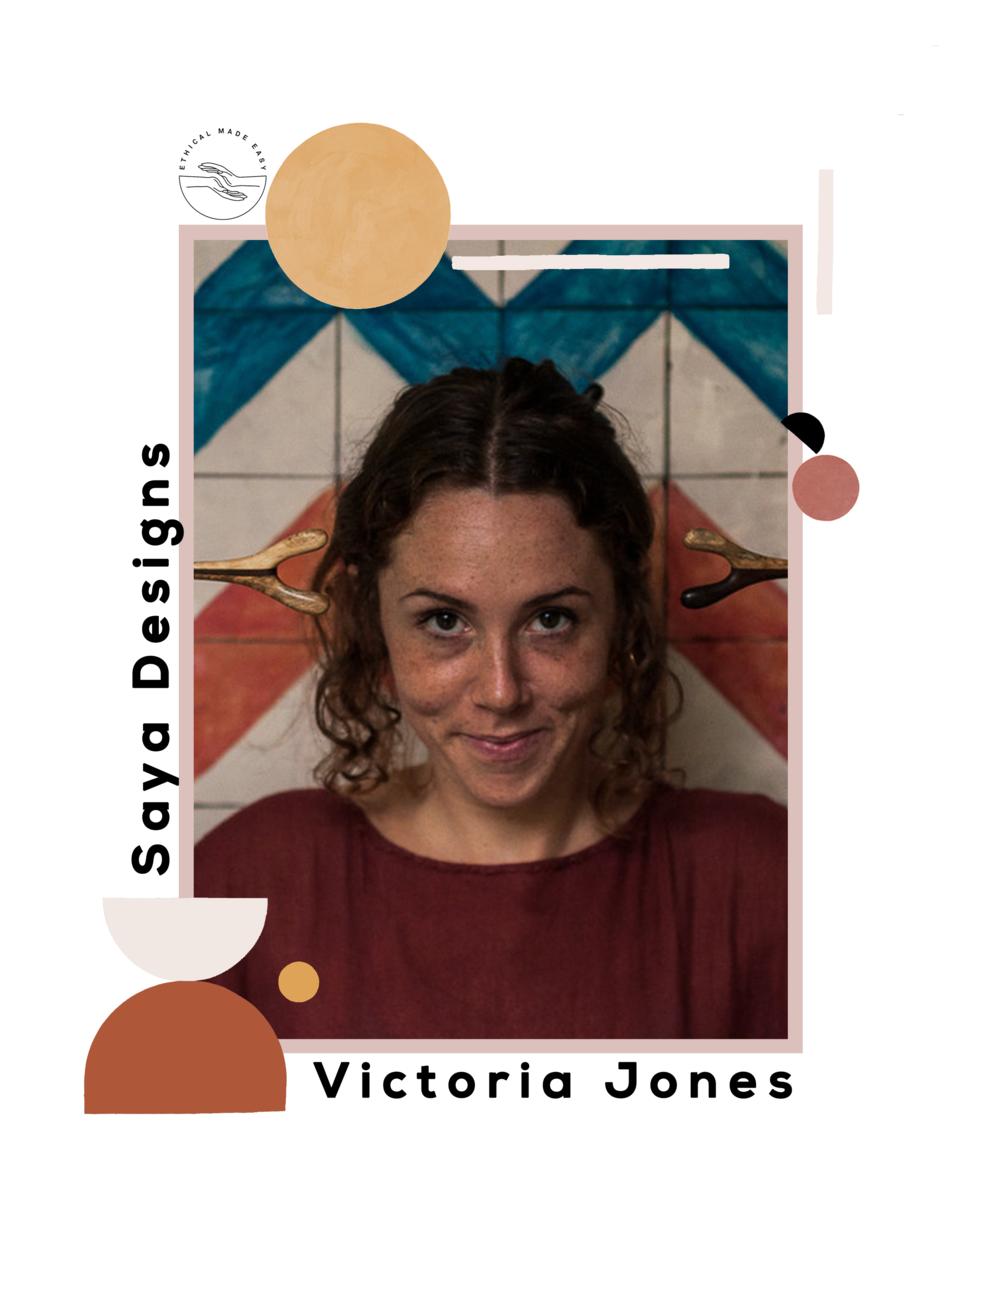 Victoria-Jones.jpg